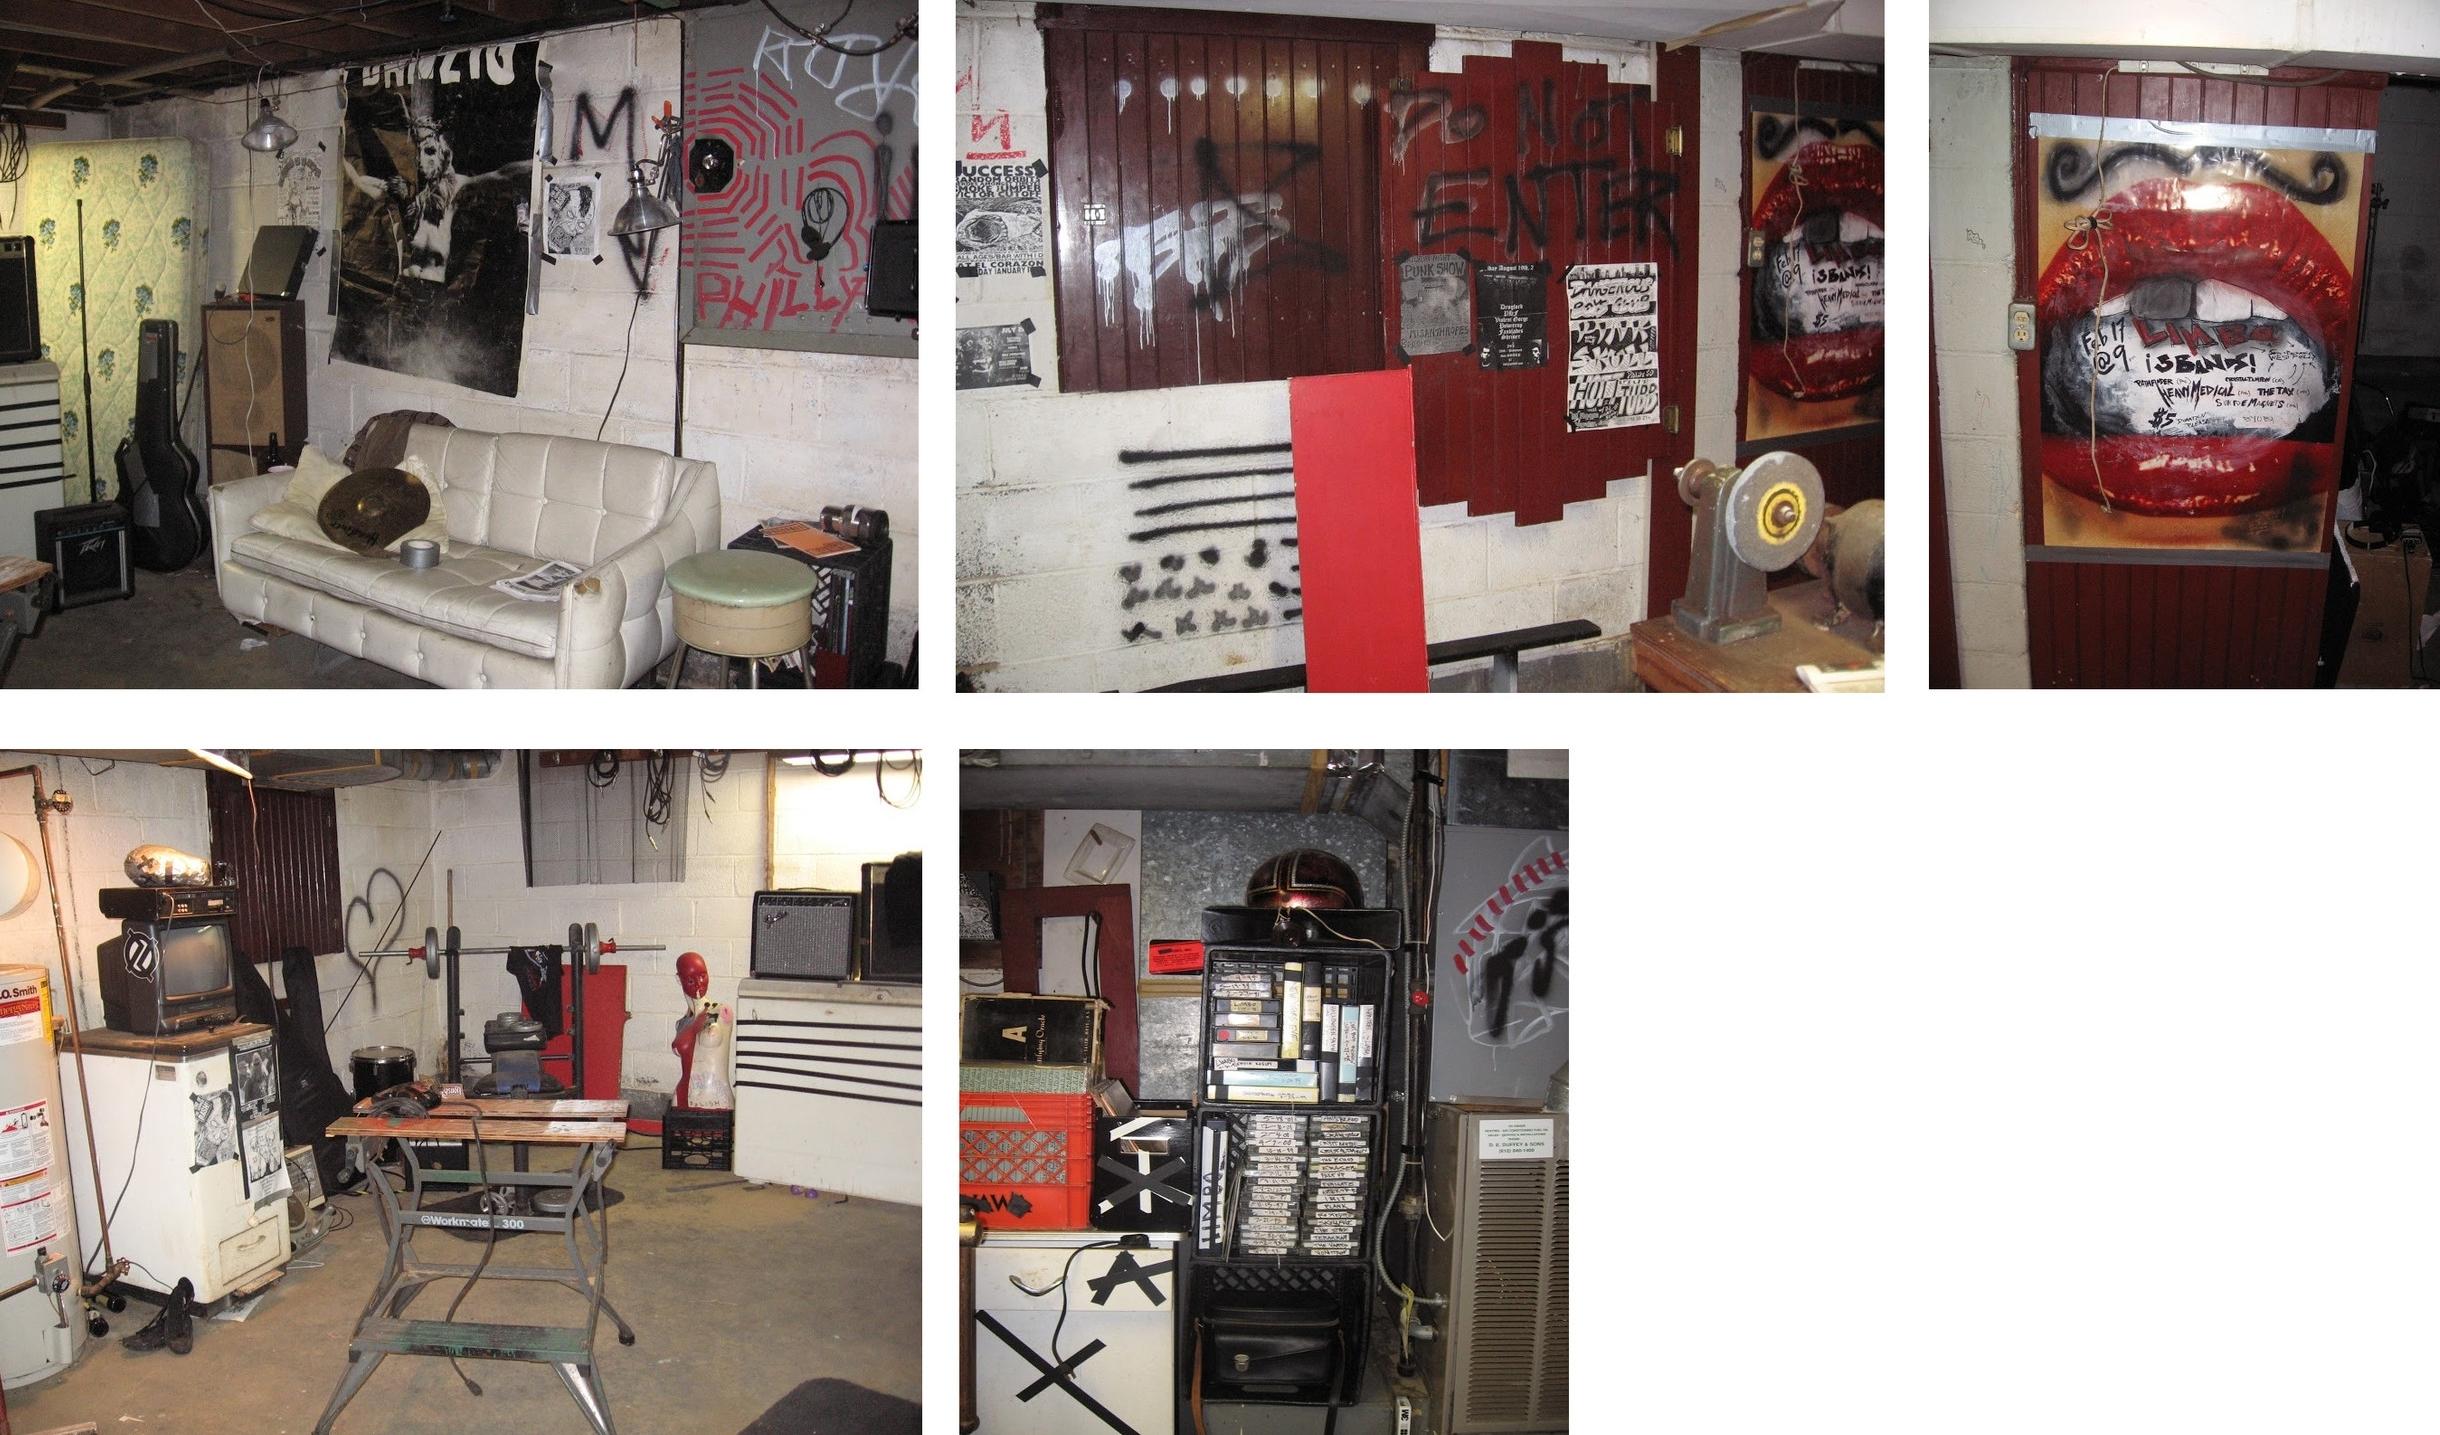 Punk Venue Basement Set